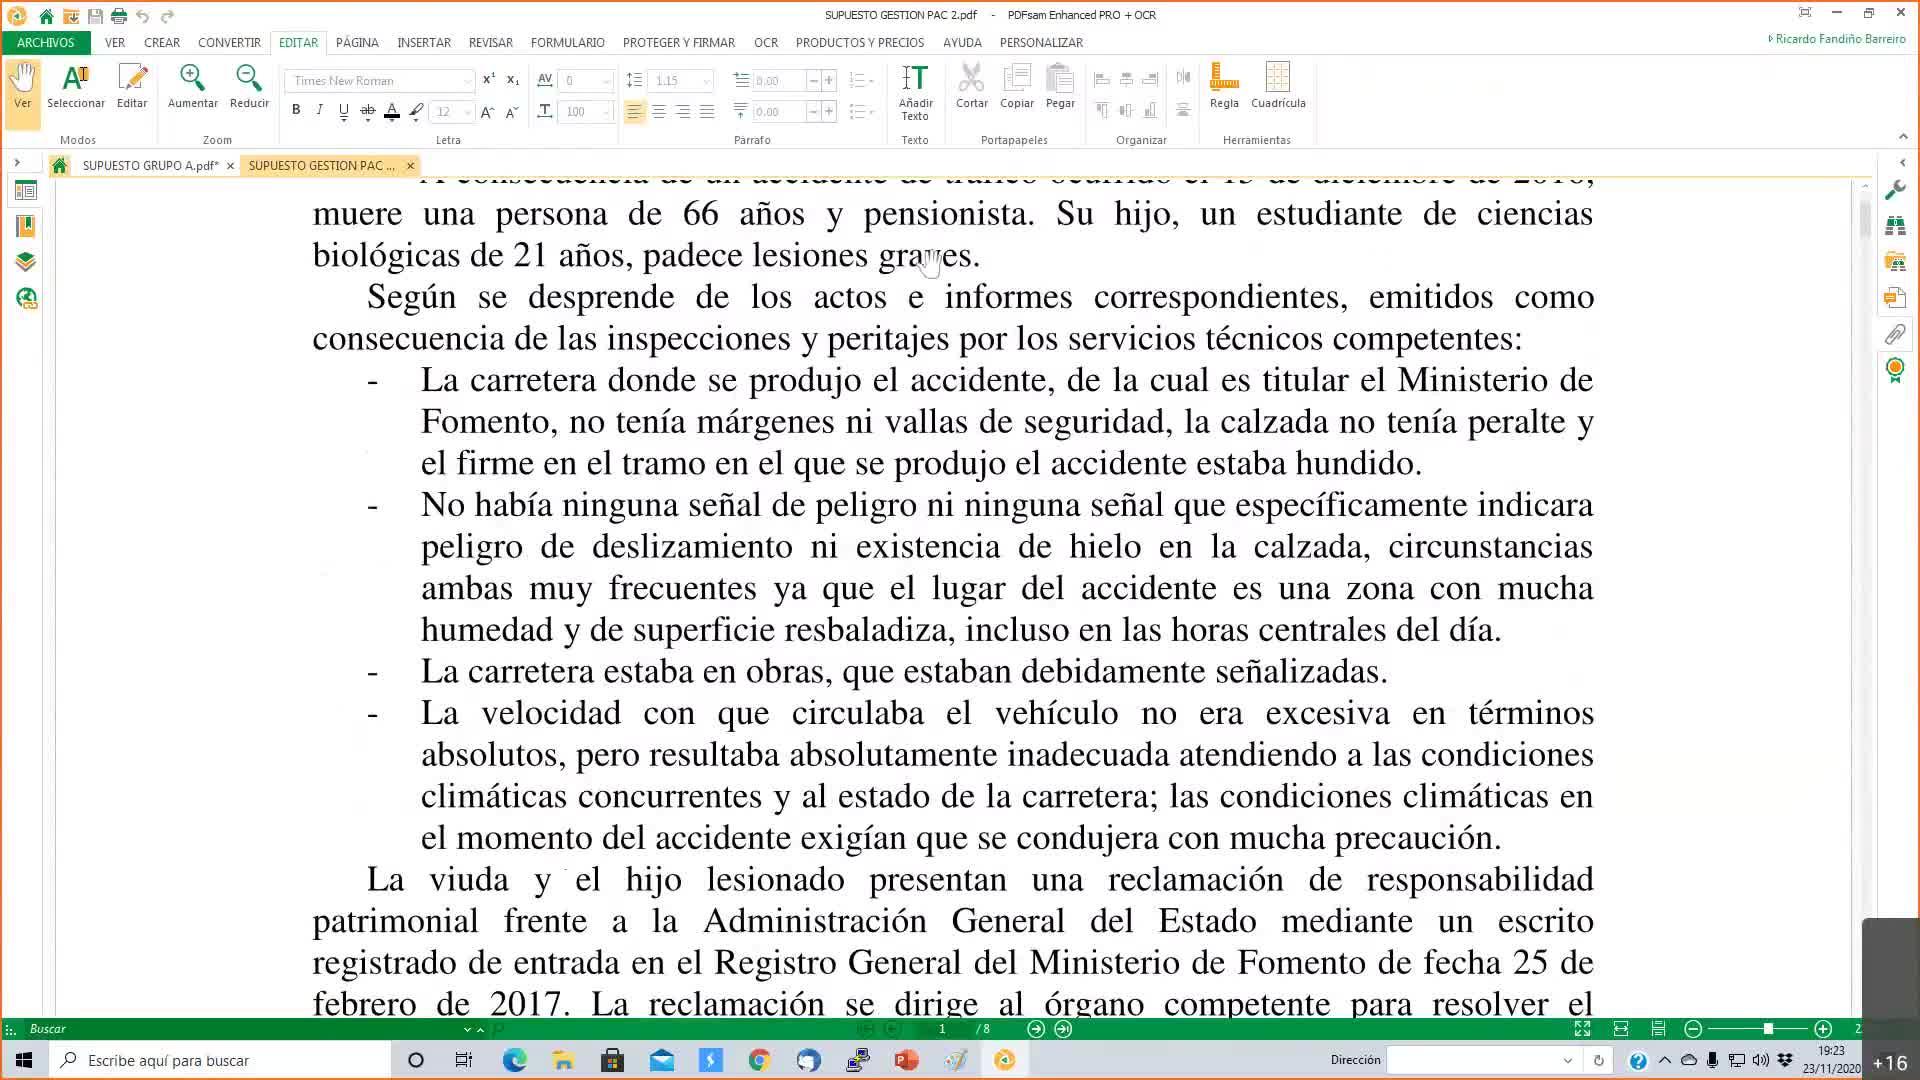 Supuestos prácticos galicia  23-11-2022